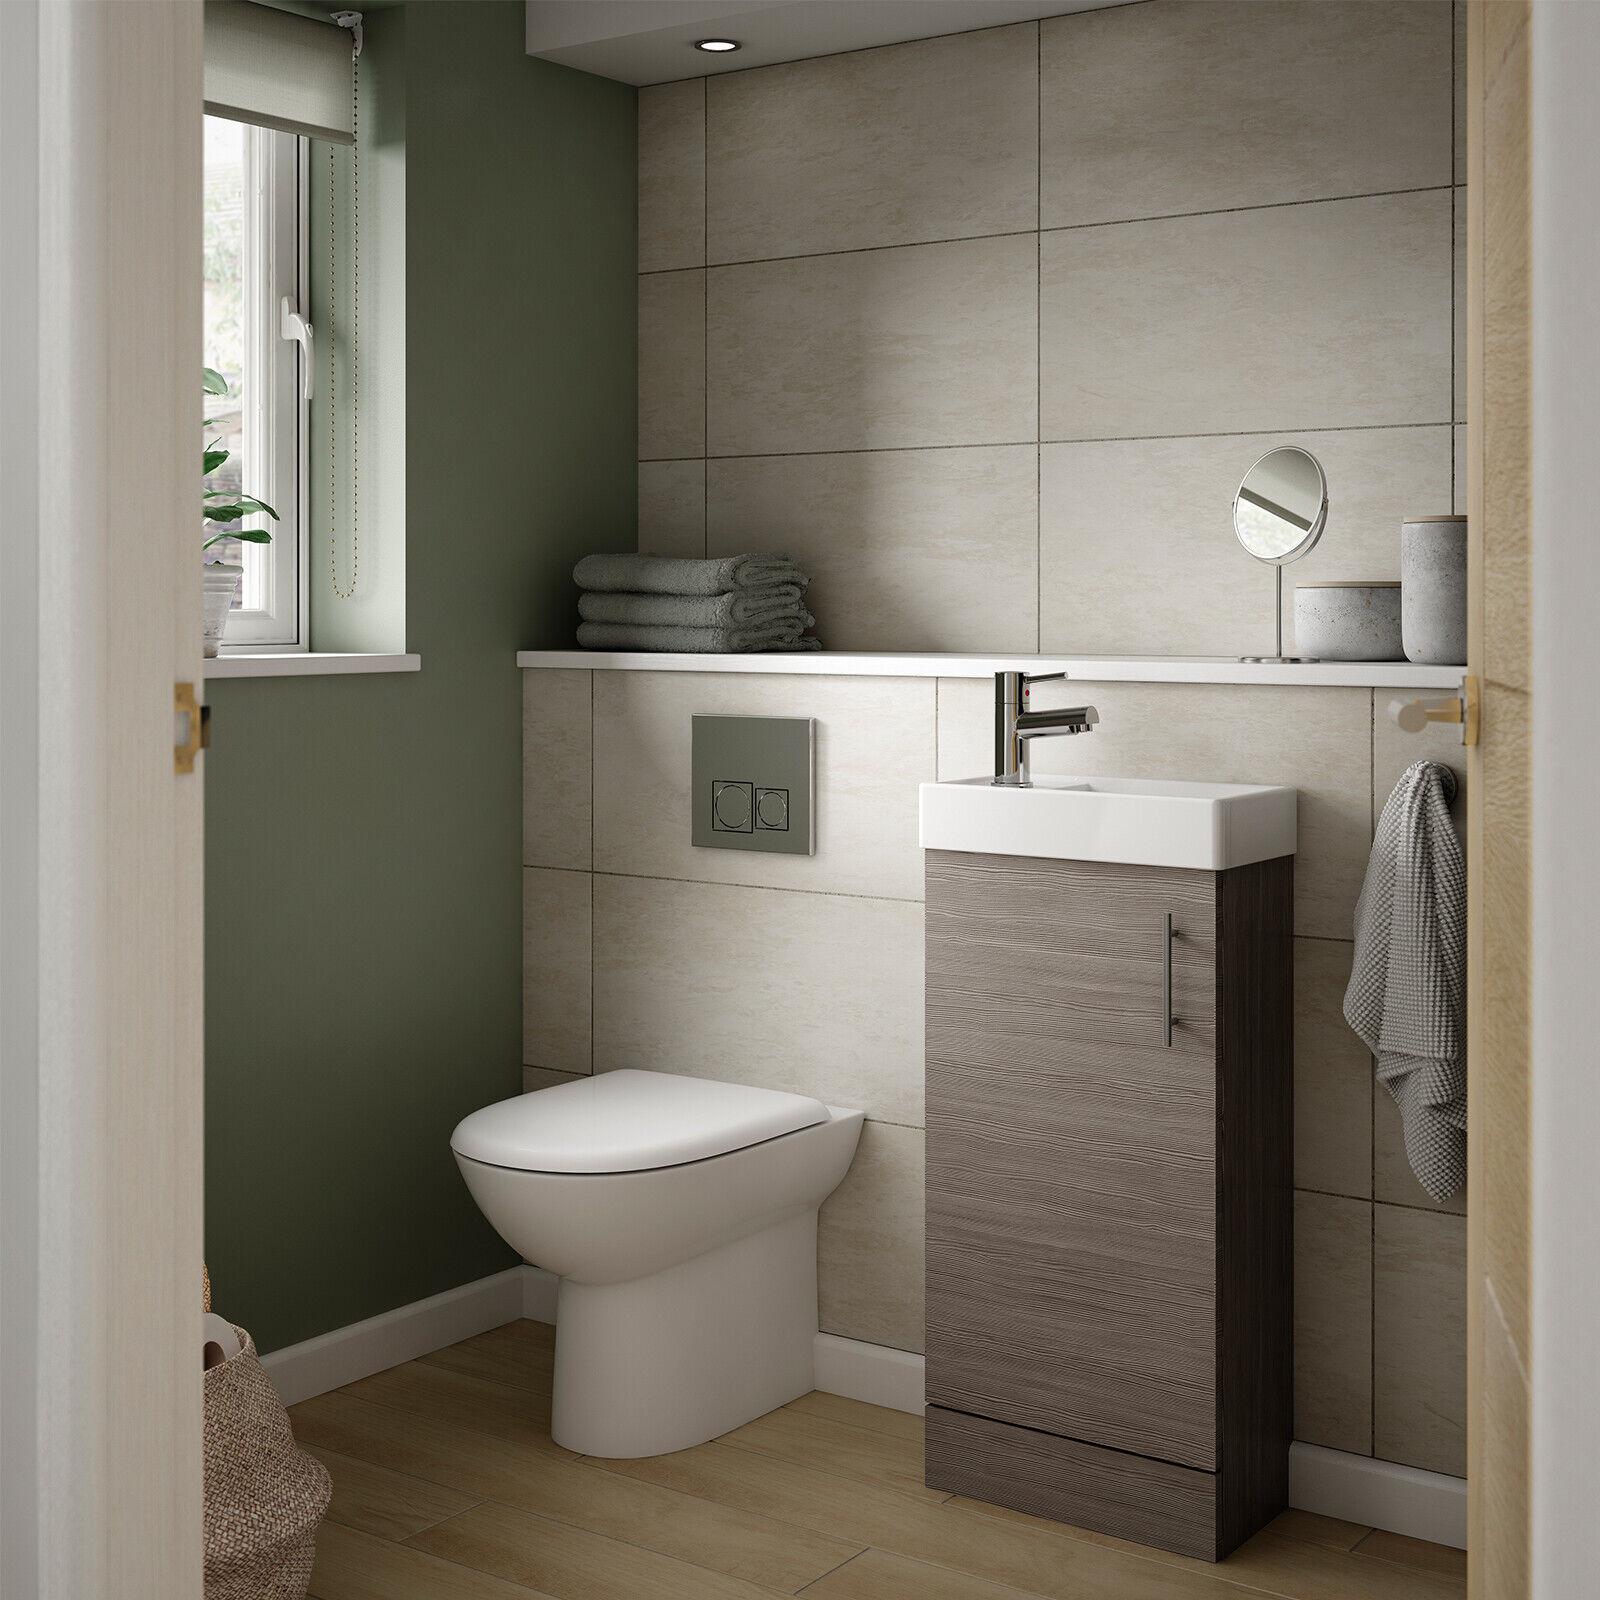 Vault Mobiletto con lavabo compatto Muro Appeso & Da Pavimento 400mm di larghezza